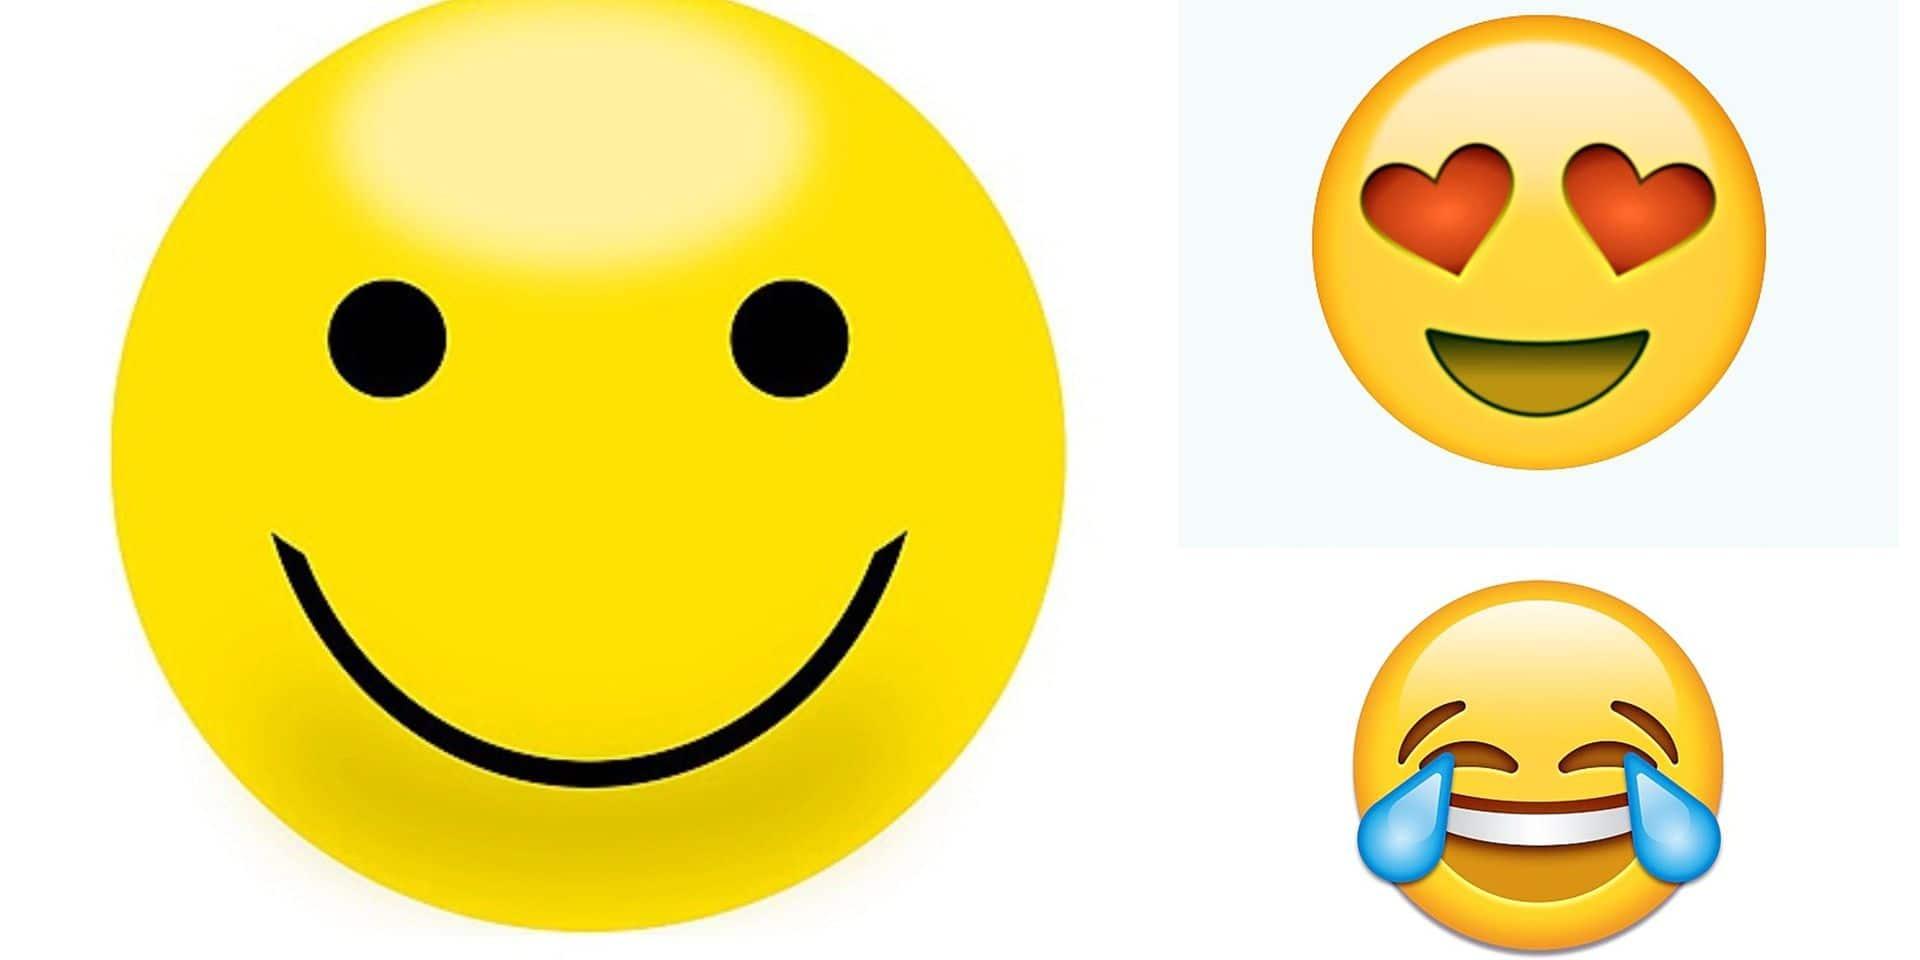 C'est la journée mondiale des Emojis : comment ils sont devenus un langage à part entière